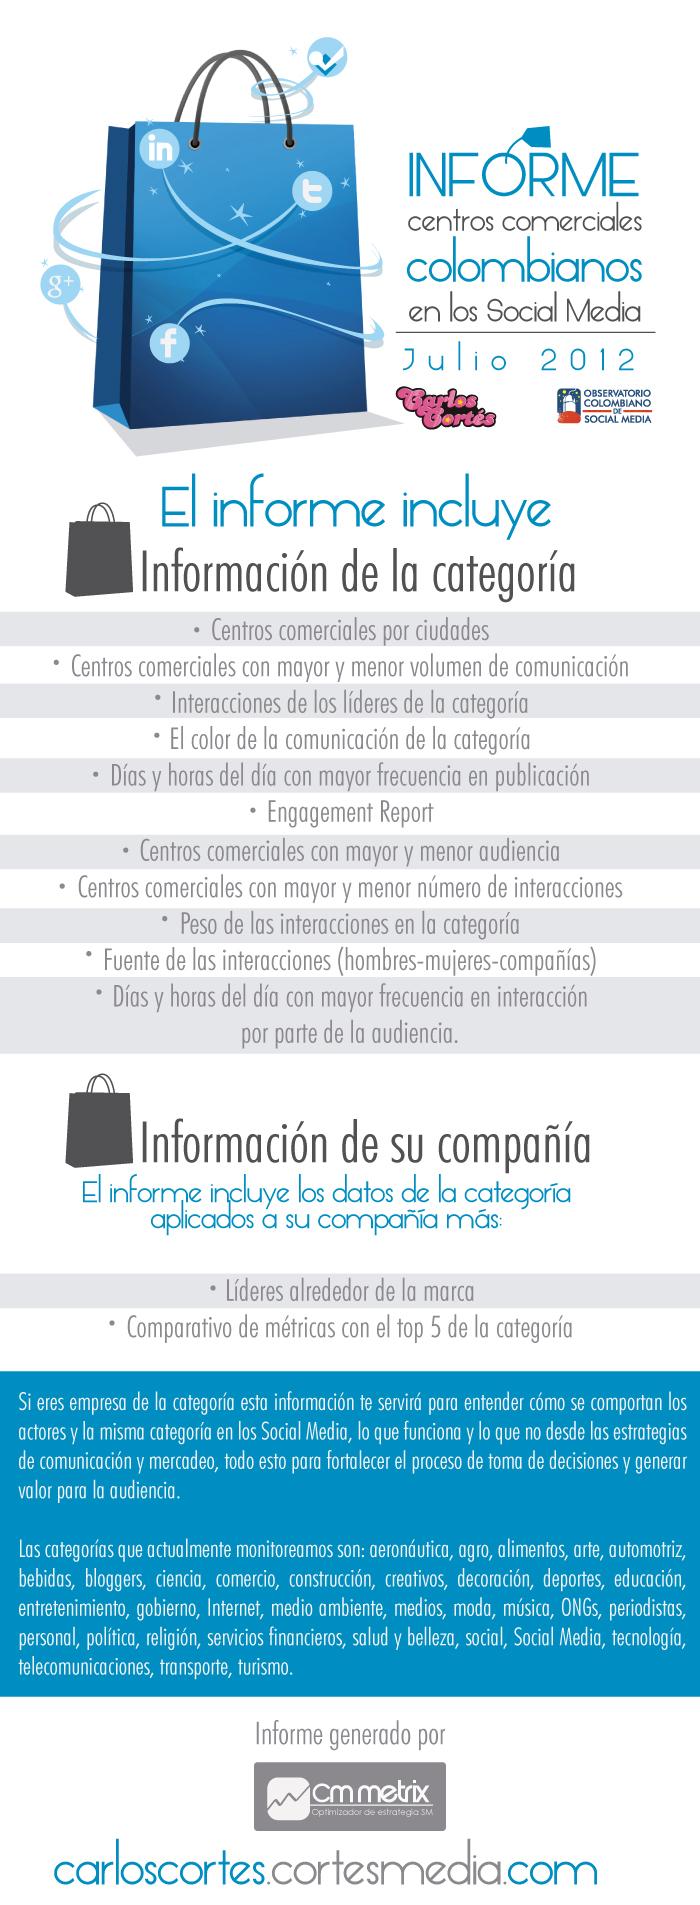 informe-centros-comerciales-colombia-social-media1